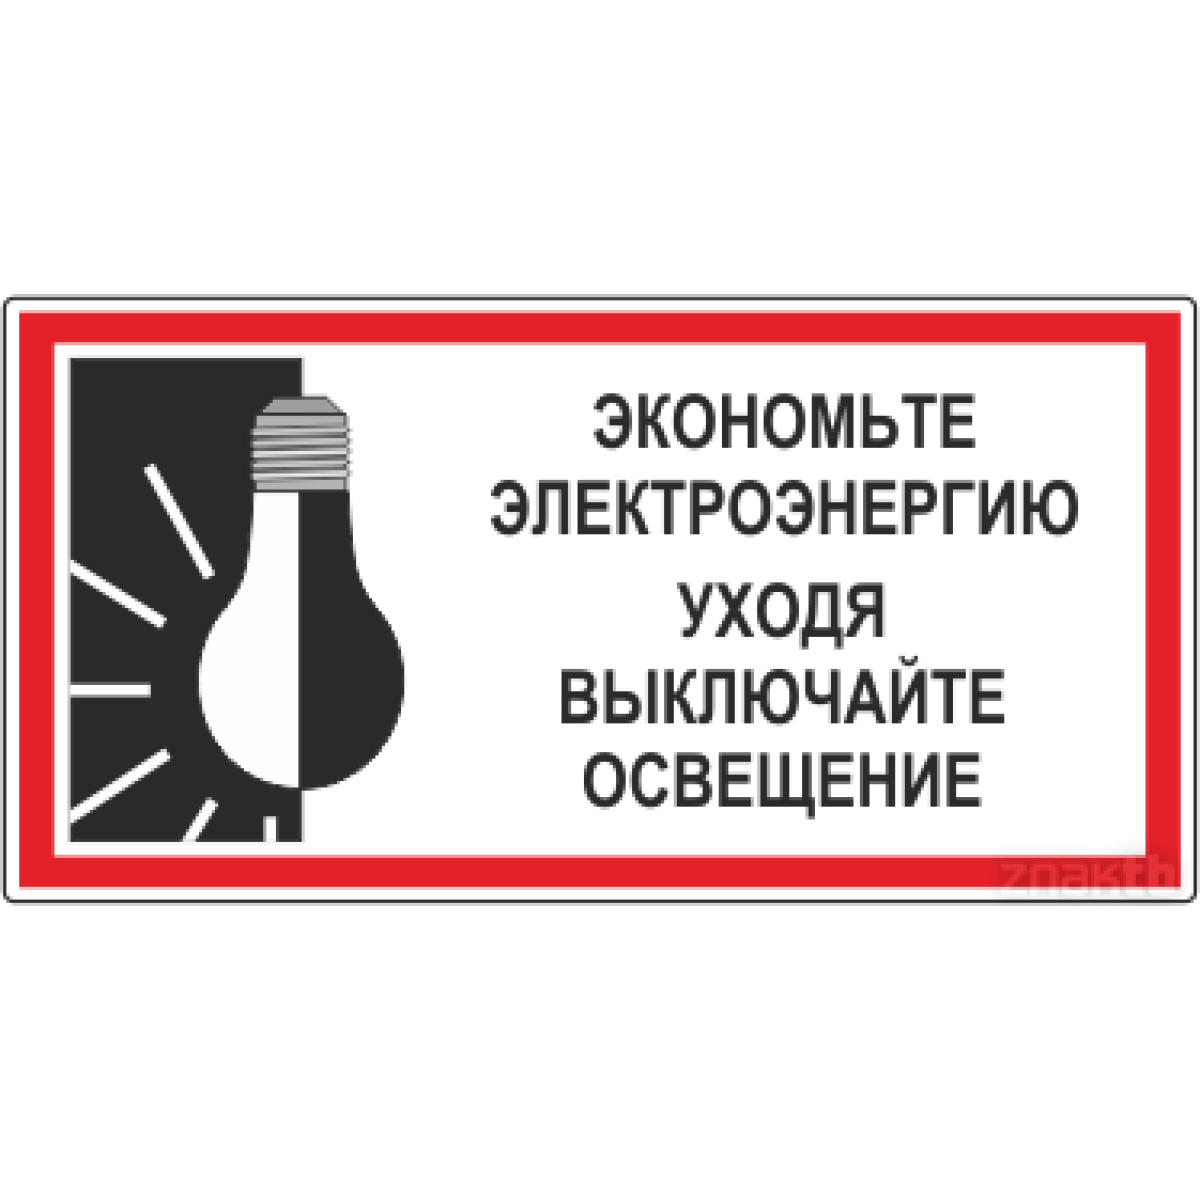 Знак Экономьте электроэнергию. Уходя, выключайте освещение